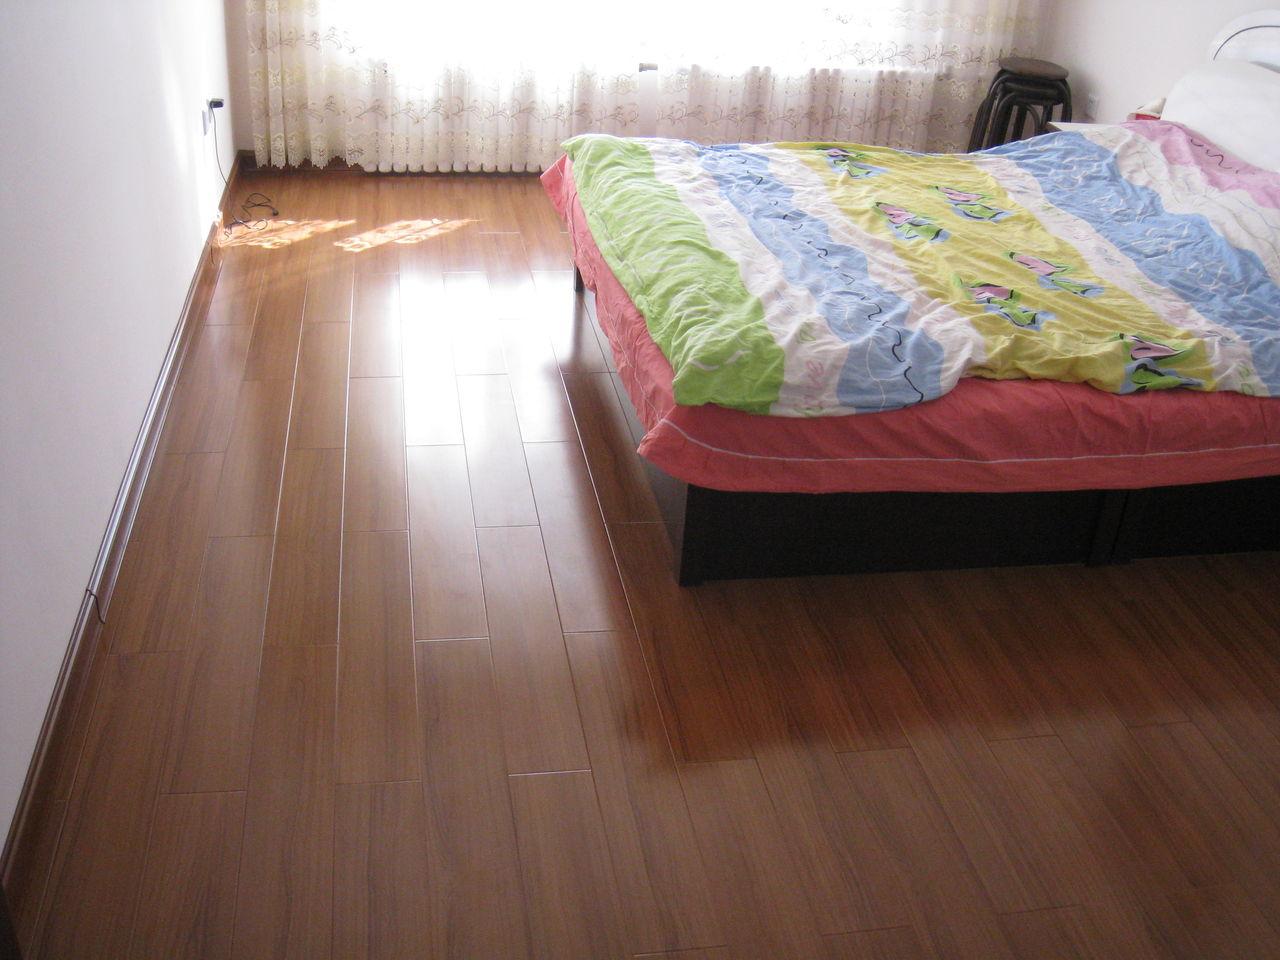 深棕色木地板颜色比较适合田园复古风格的装修,咖啡棕色里流淌着浓浓的小资情调,在木地板的柔情里是甜美幸福的温情脉脉。推荐欧美乡村风格装修选用此类木地板颜色。 这个色系比较沉稳庄重,适合大空间,也比较符合咱们国家的审美。搭配的家具也应考虑与之相配的颜色,如浅色系里的米色,卡其色,米黄色,亚麻本色;深色系里的咖色,黑色,灰色。